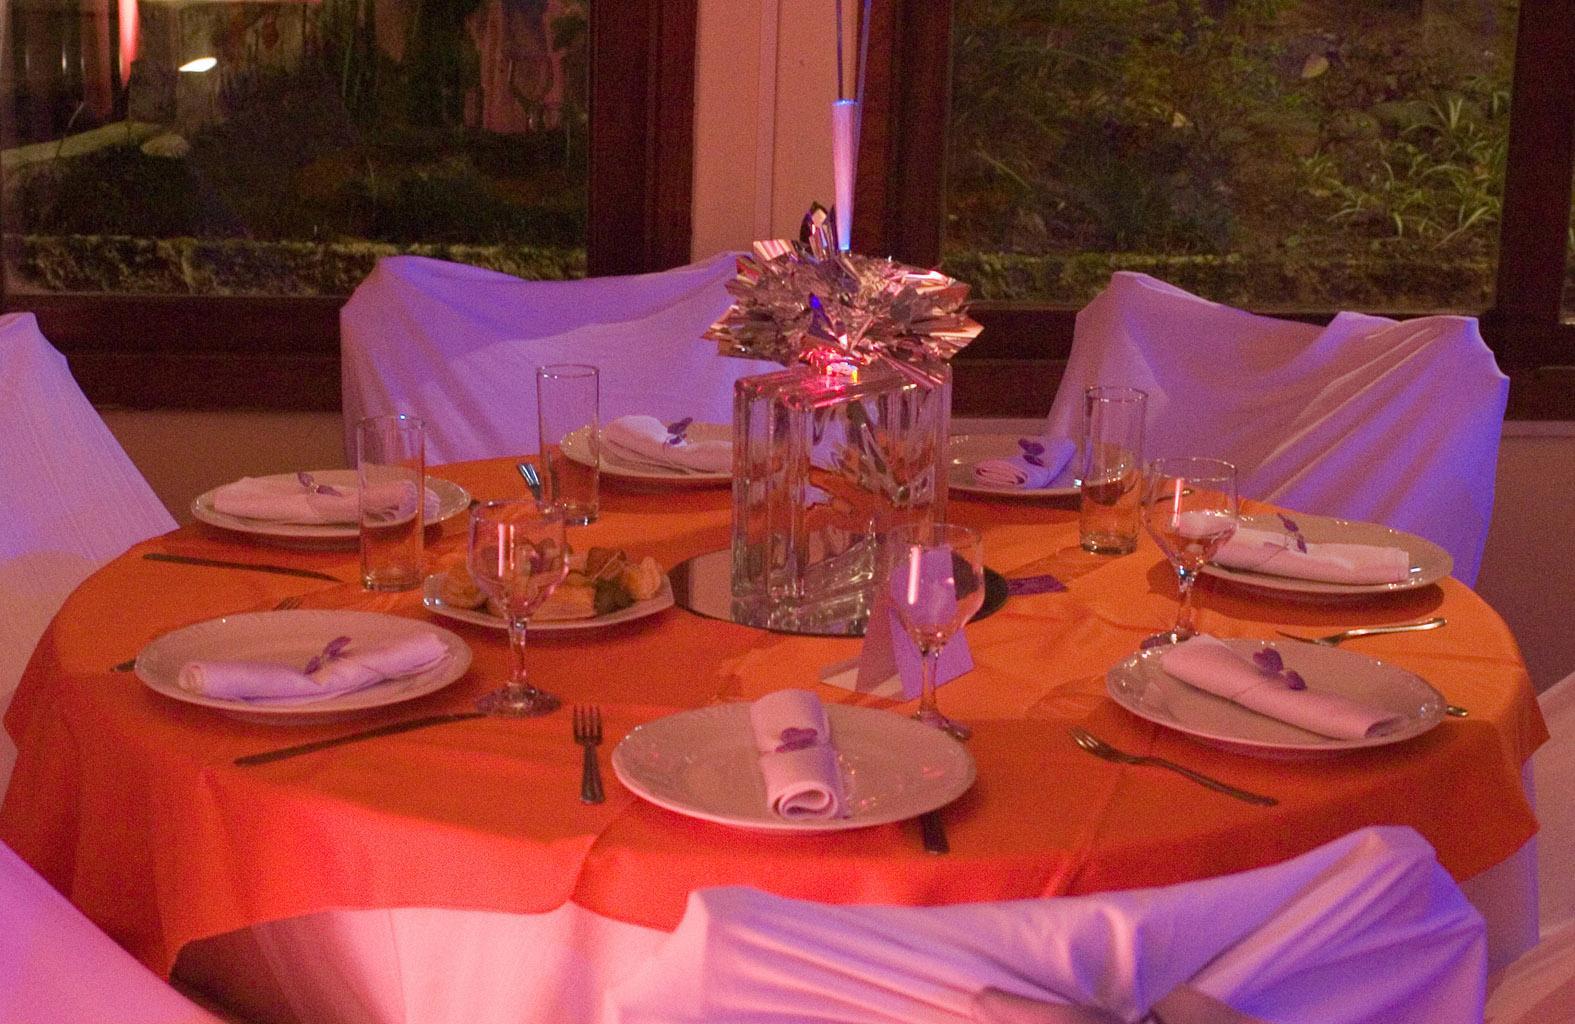 para+salão+de+festas,decoração+para+aniversários,decoração+para